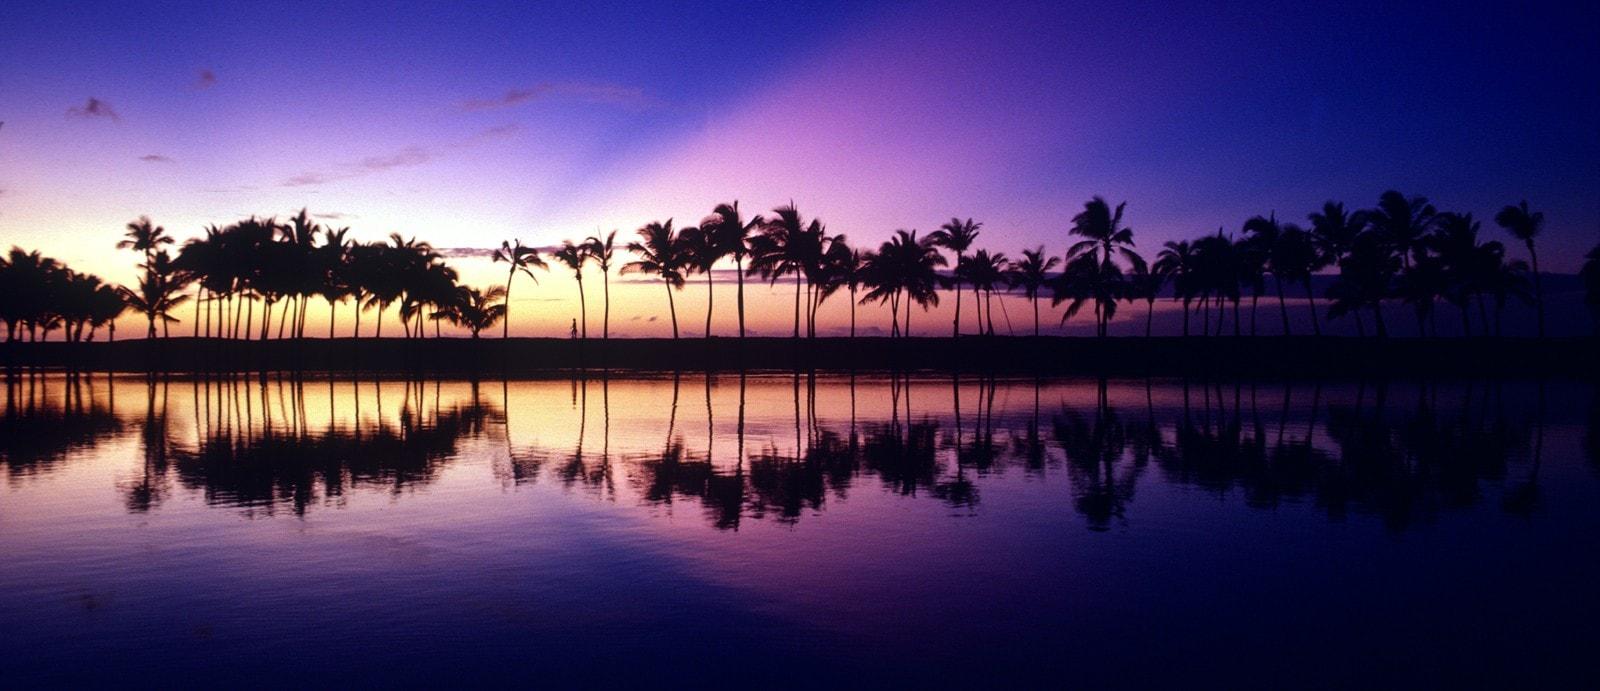 Coastline of the Big Island of Hawaii